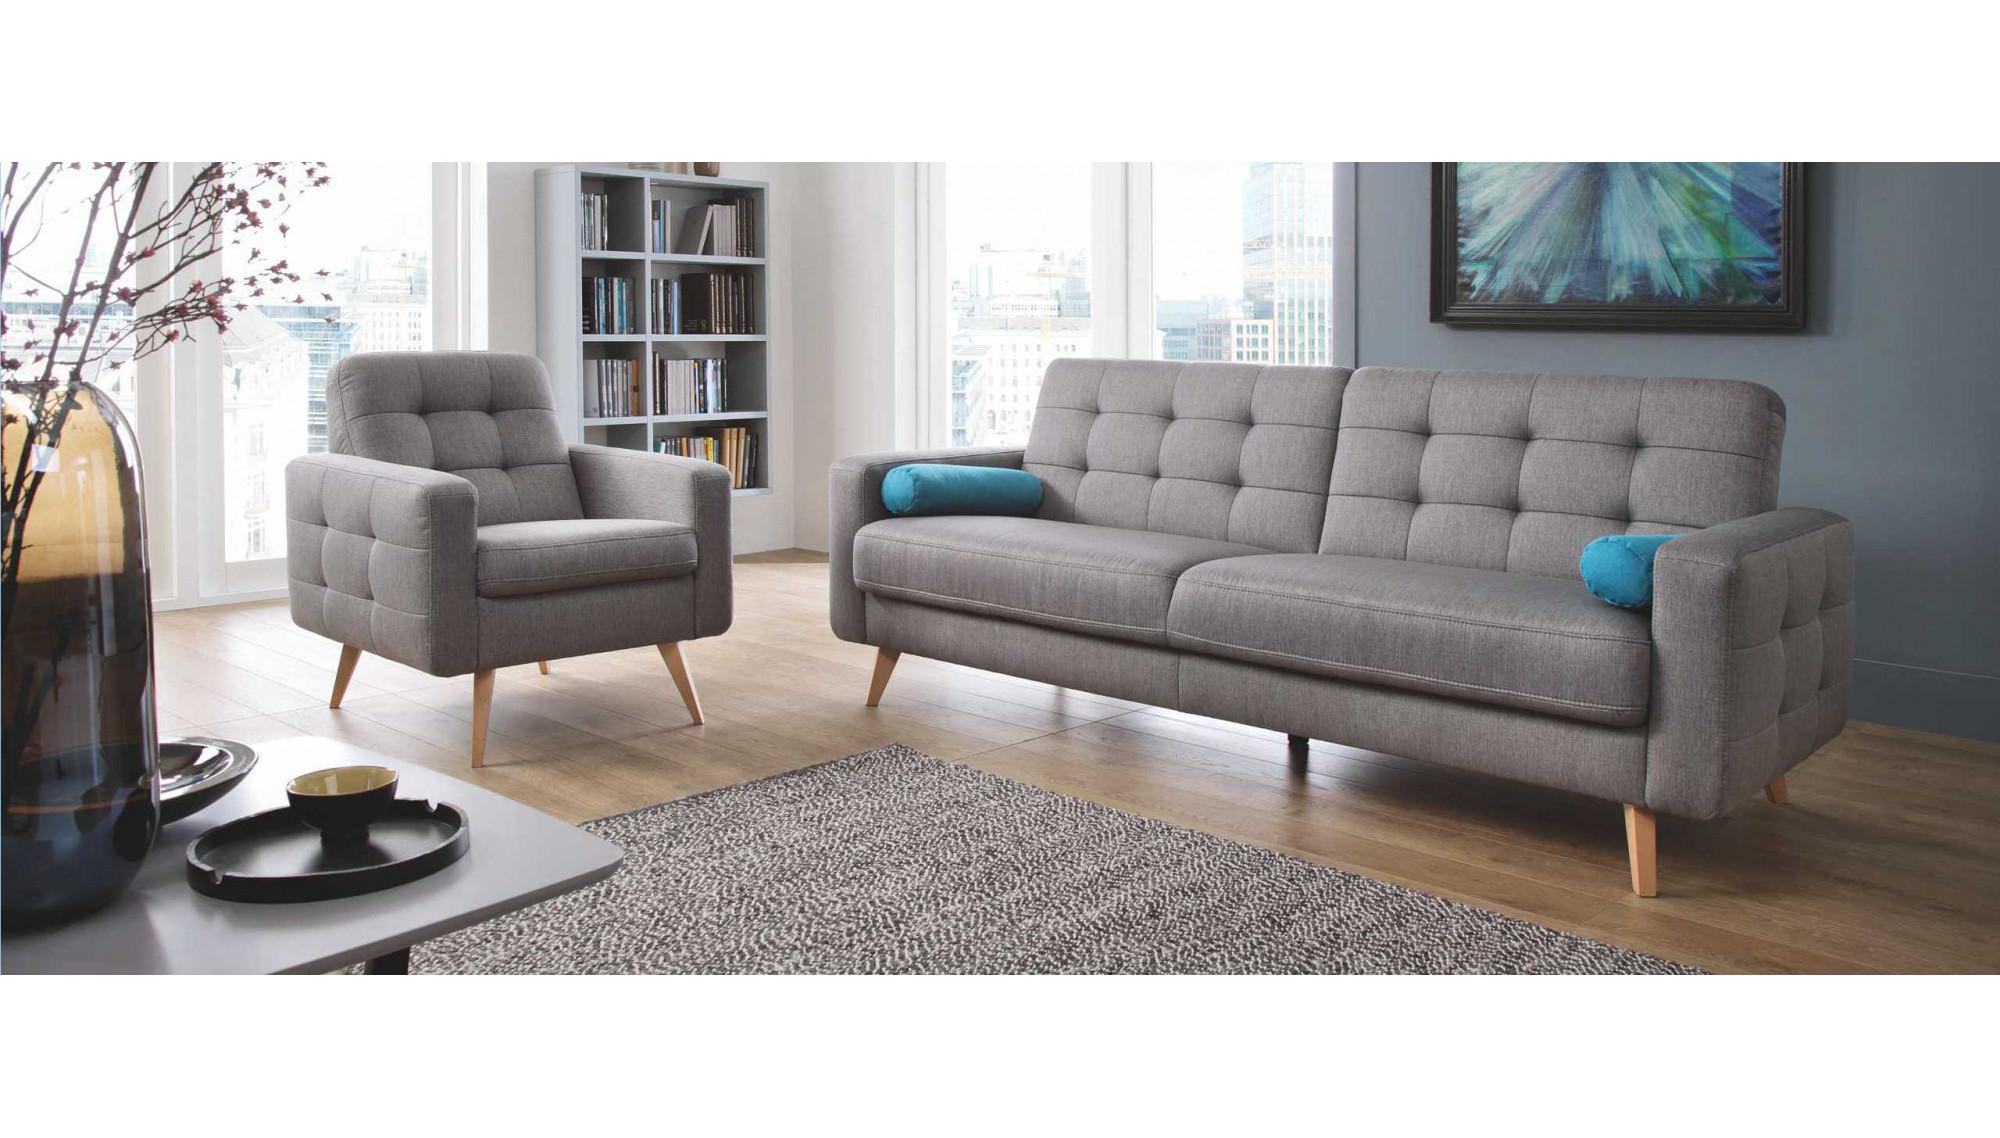 kleines ecksofa mit schlaffunktion und stauraum nappa. Black Bedroom Furniture Sets. Home Design Ideas